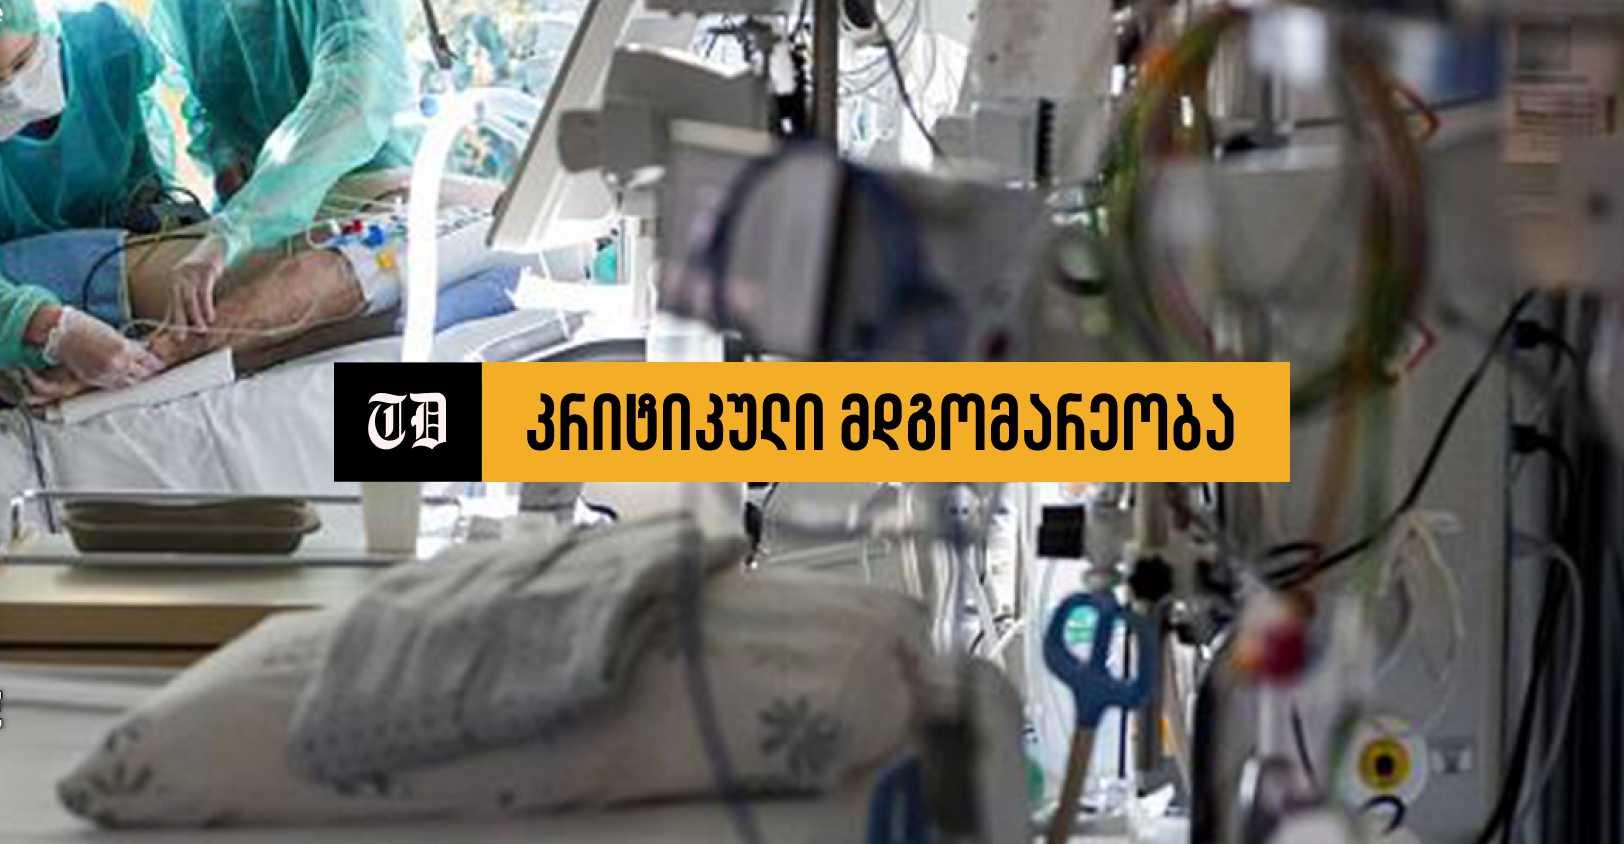 რეანიმაციულ განყოფილებაში მოთავსებული 4 პაციენტის ჯანმრთელობის მდგომარეობა მძიმეა - ლევან რატიანი